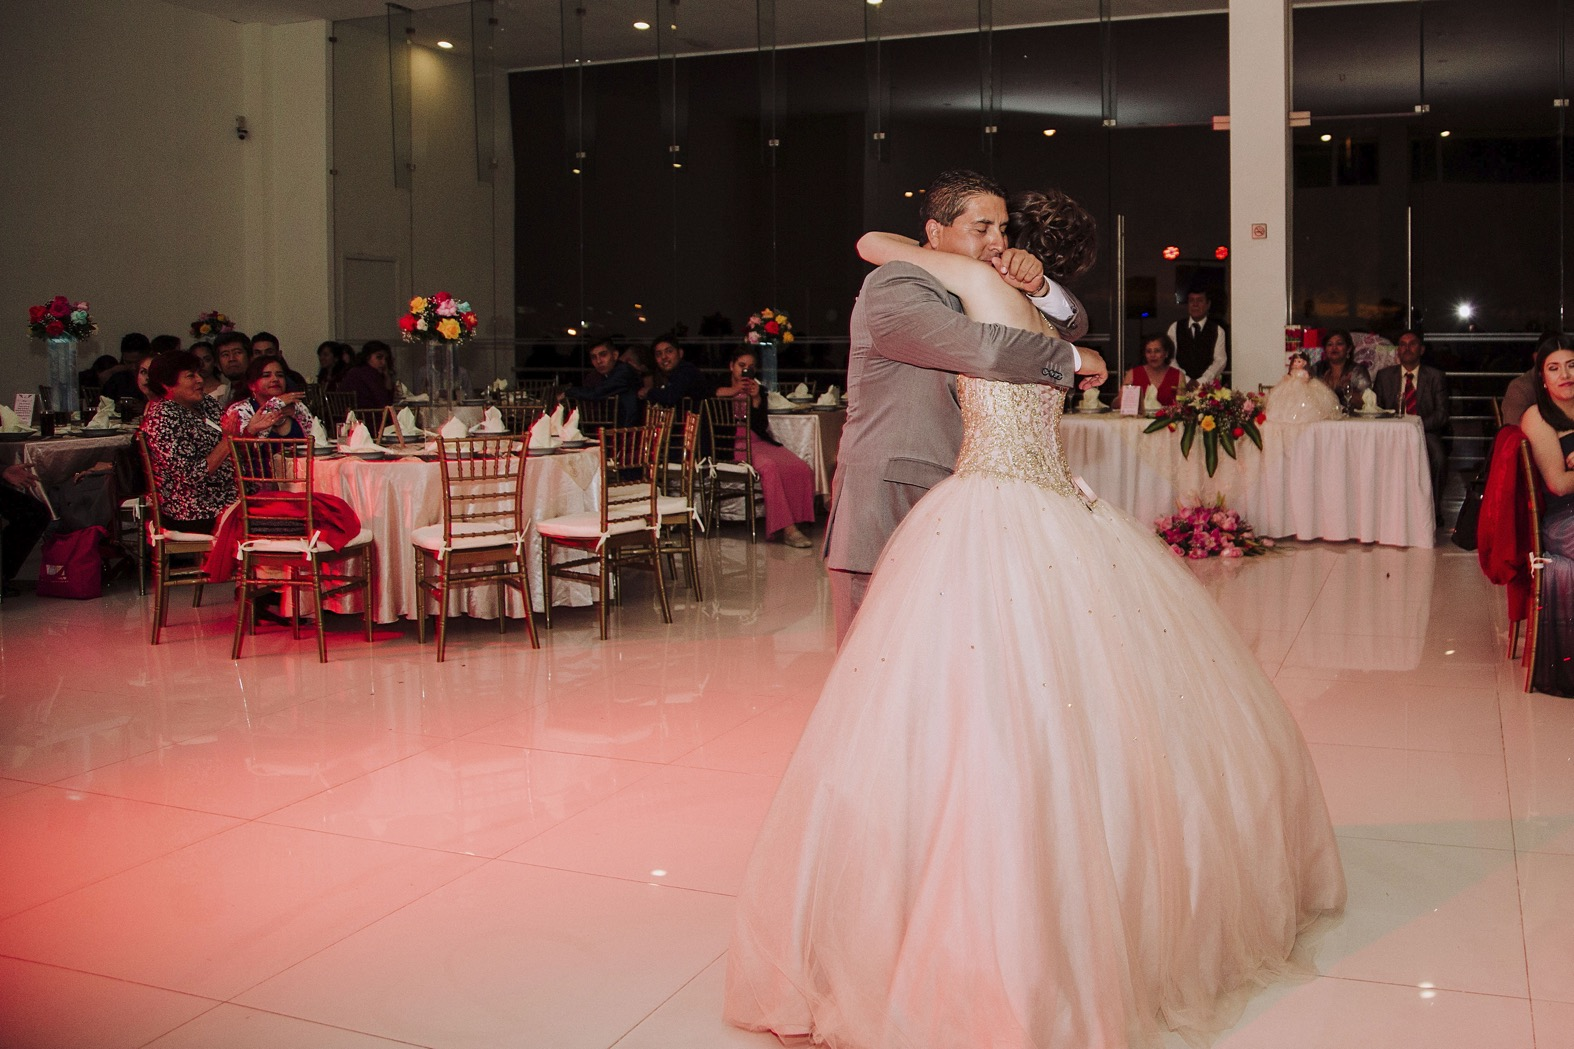 fotografos_profesionales_zacatecas_bodas_xvaños-33